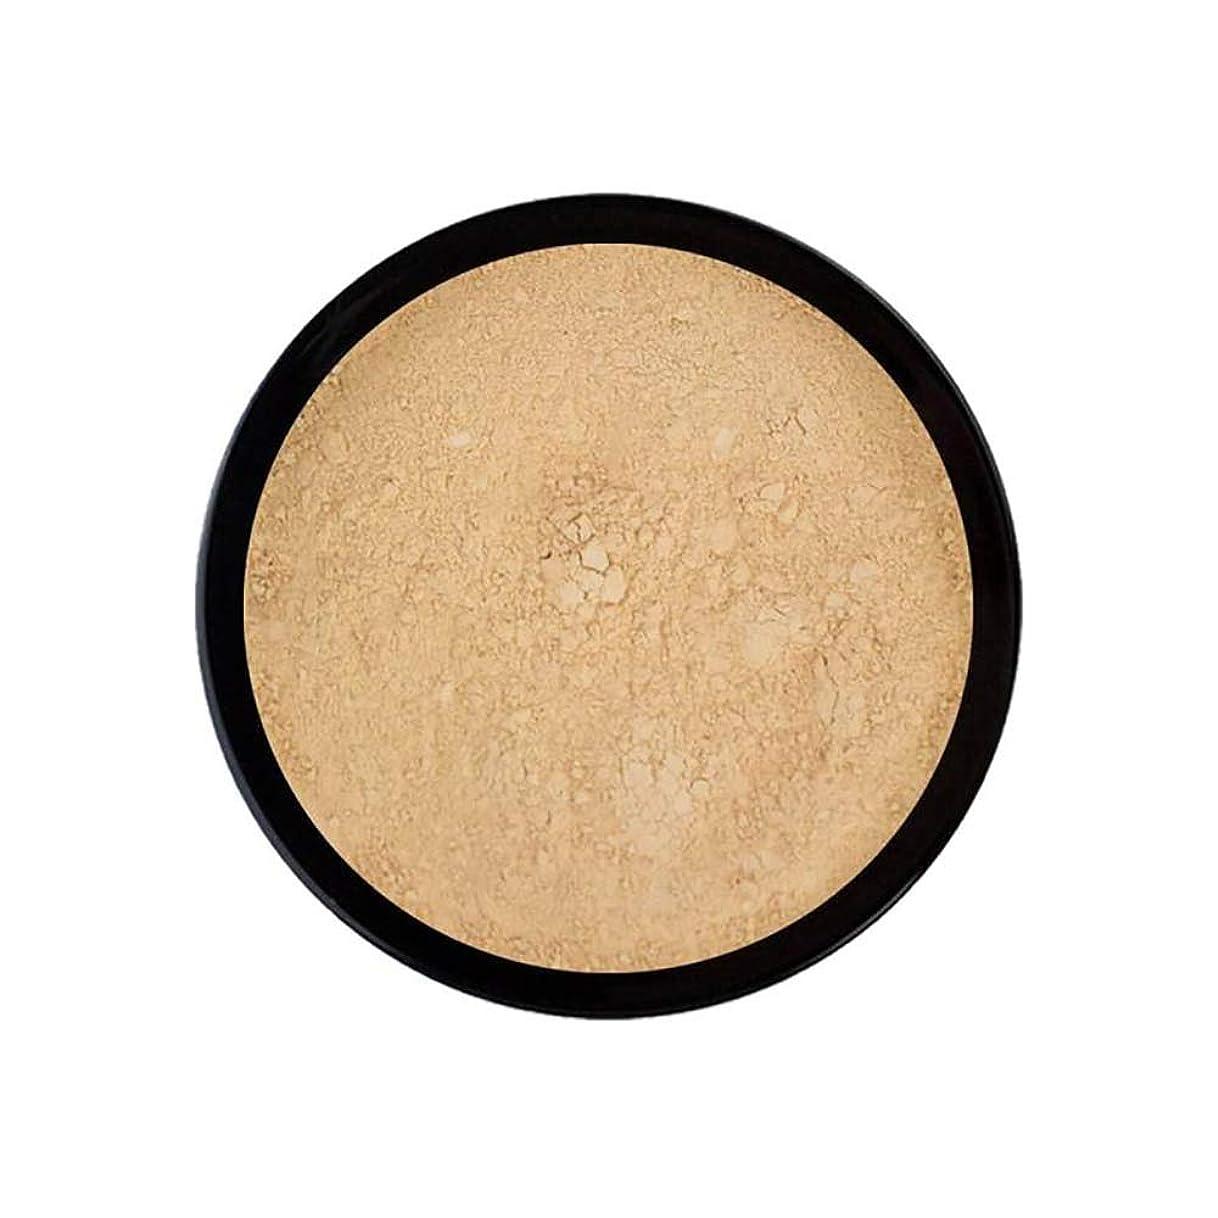 クラウドオーケストラディンカルビルEmani, Perfecting Crushed Foundation, 272 Bisque, 0.35 oz (10 g)